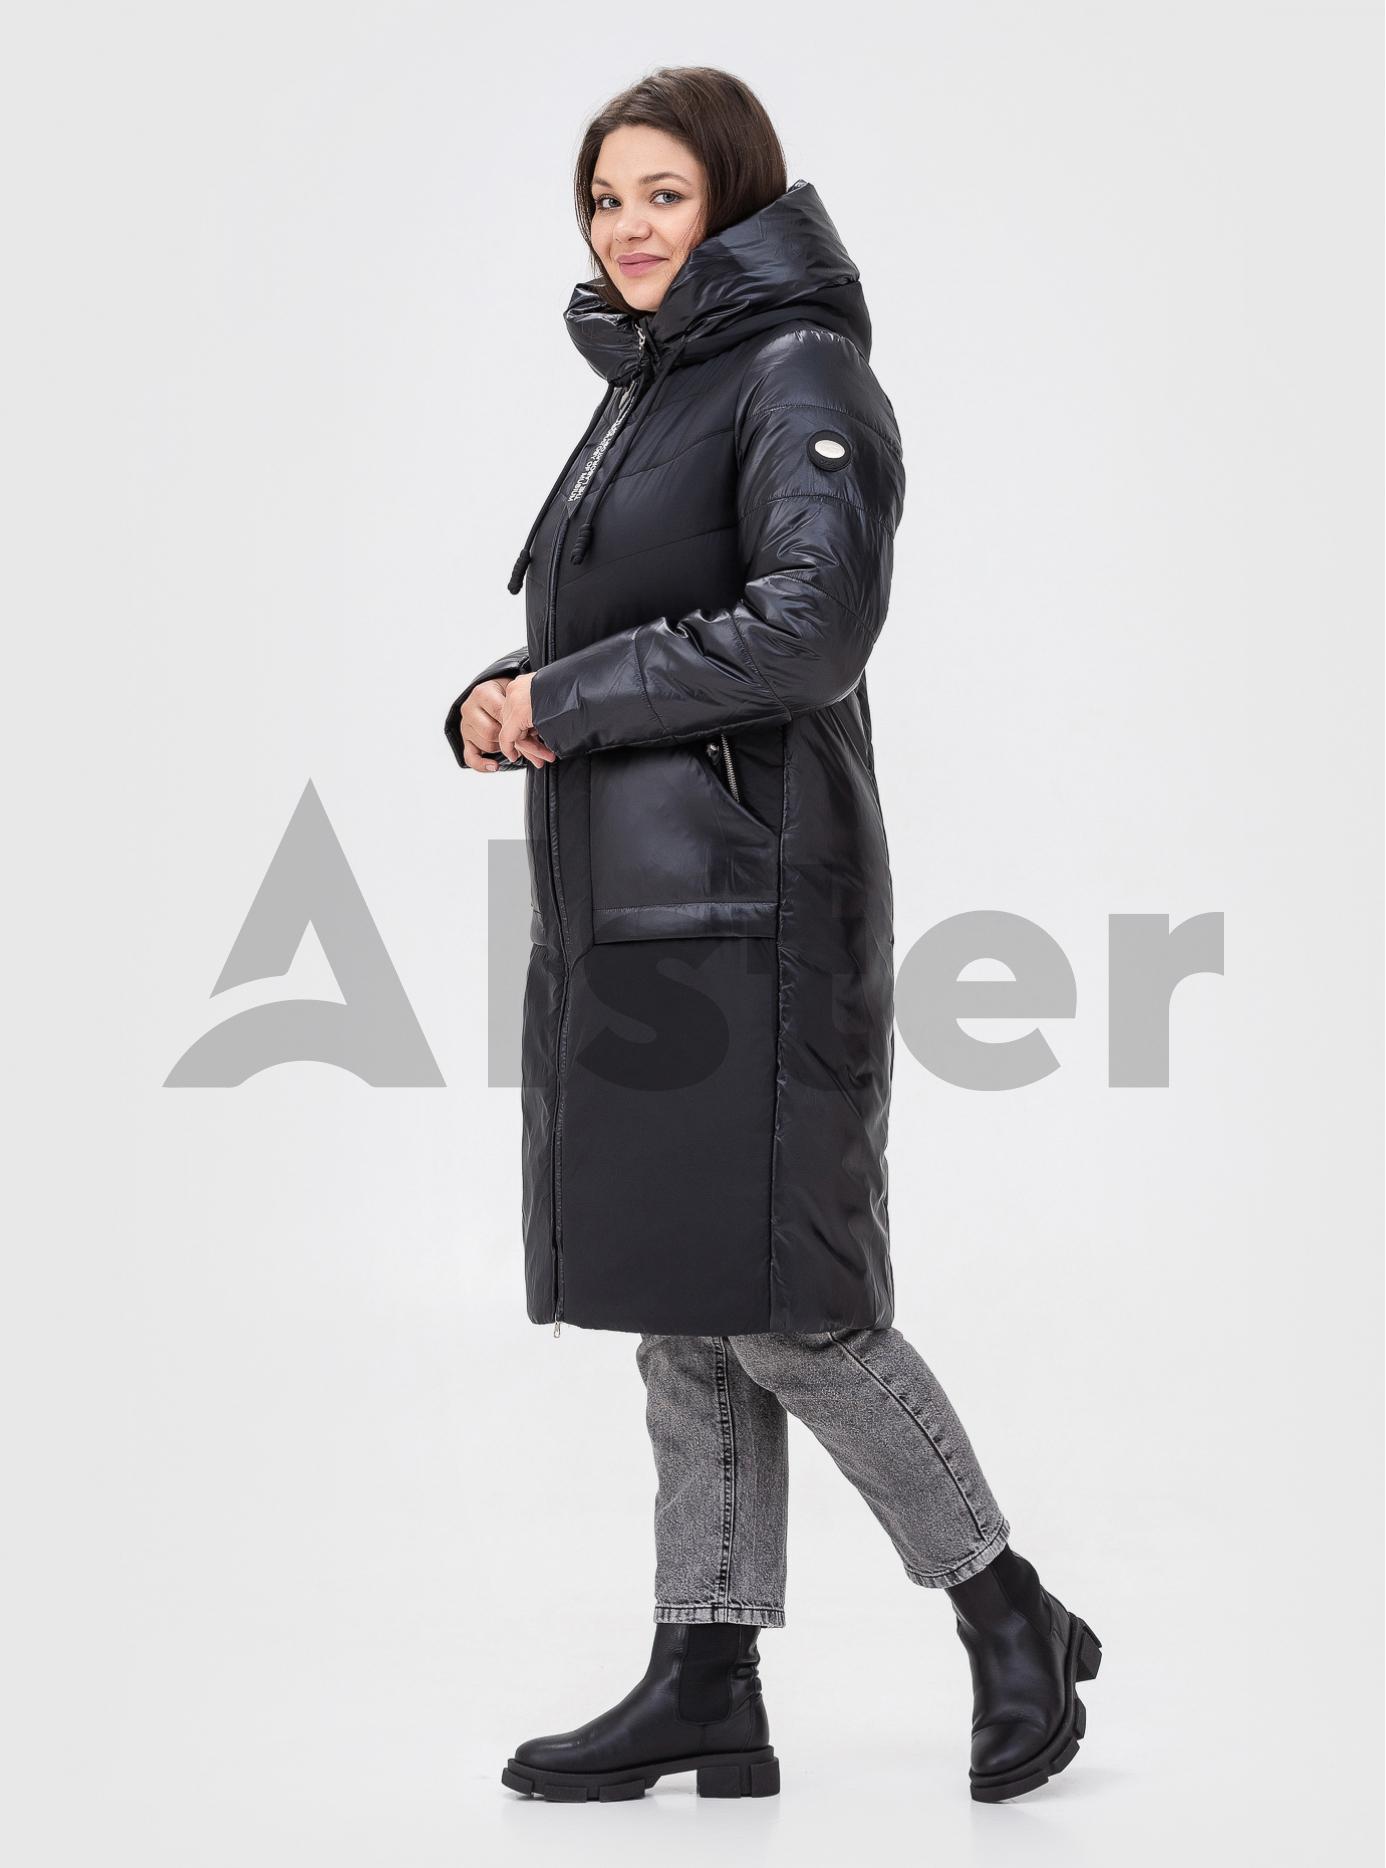 Зимове пальто великих розмірів DEIFY Чорний 2XL (DF21-817-02): фото - Alster.ua